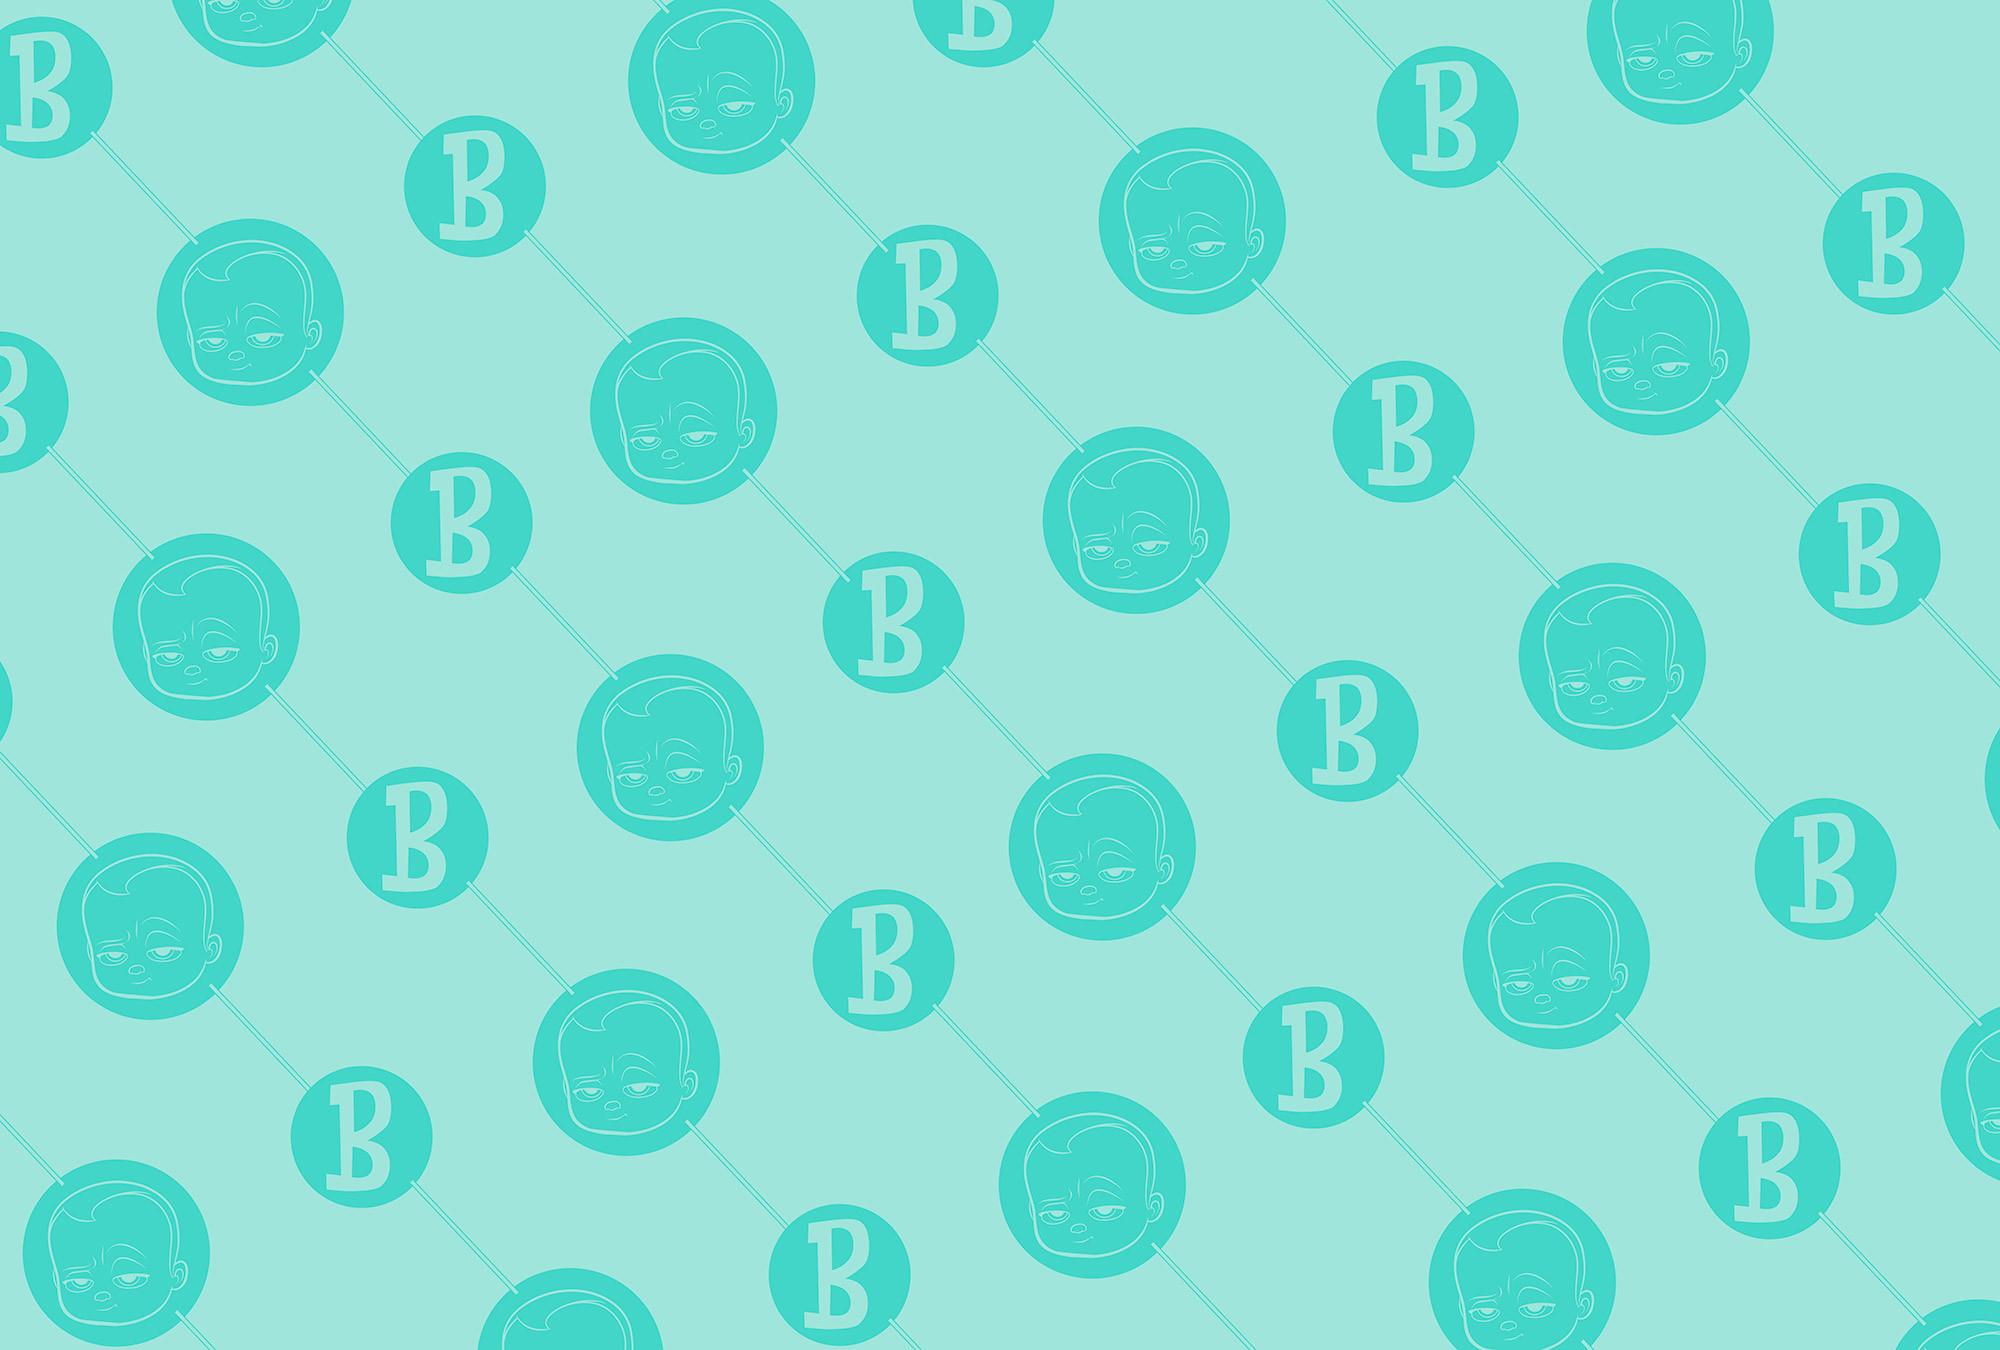 baby blue background images - hola.klonec.co